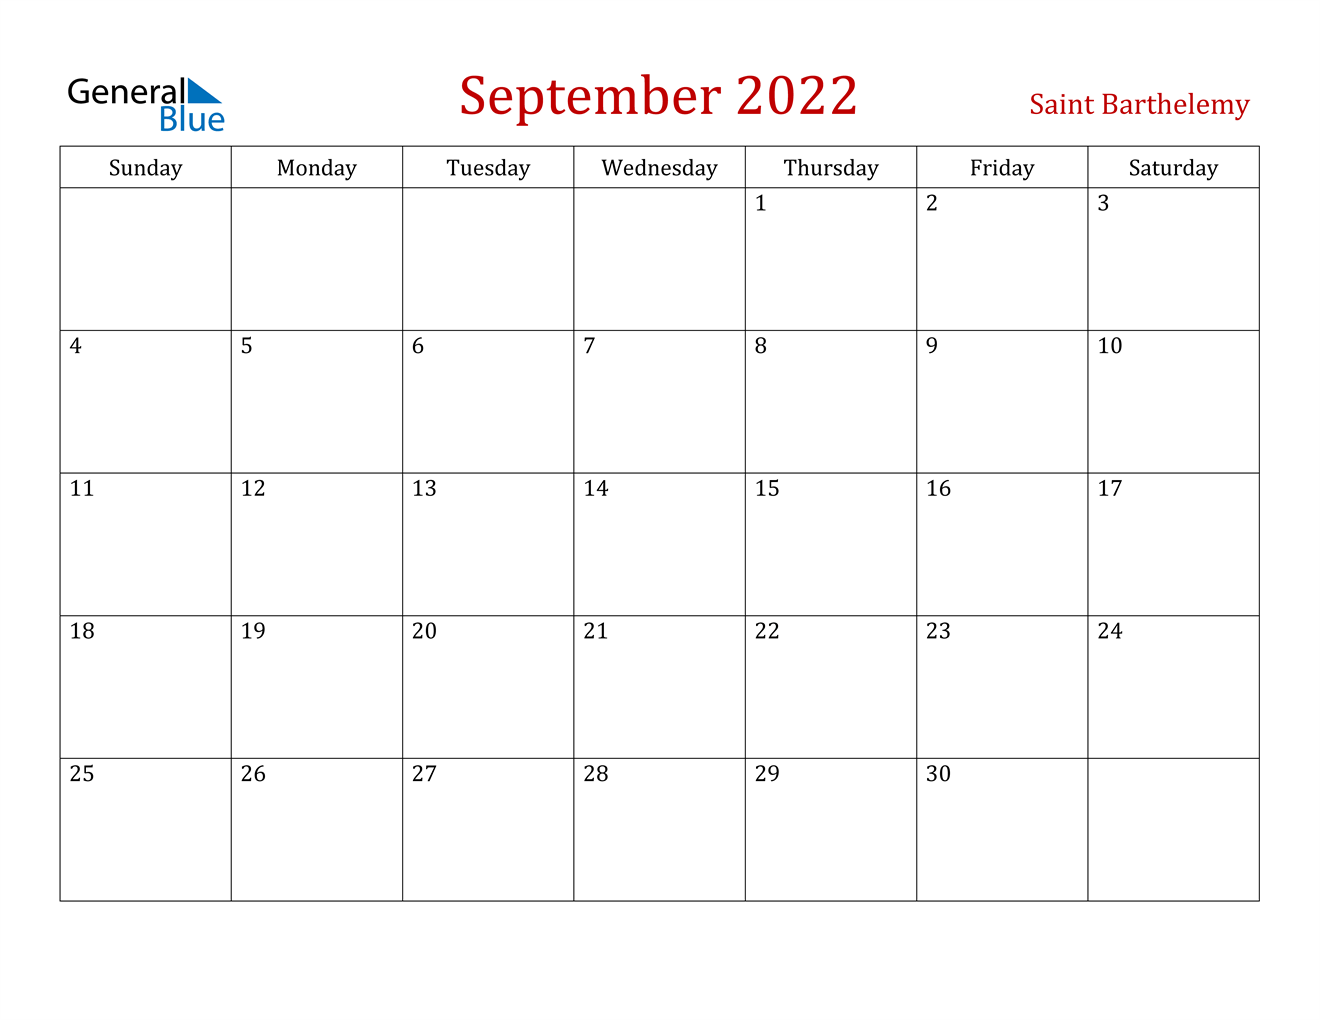 Free download september 2021 calendar templates. September 2022 Calendar - Saint Barthelemy